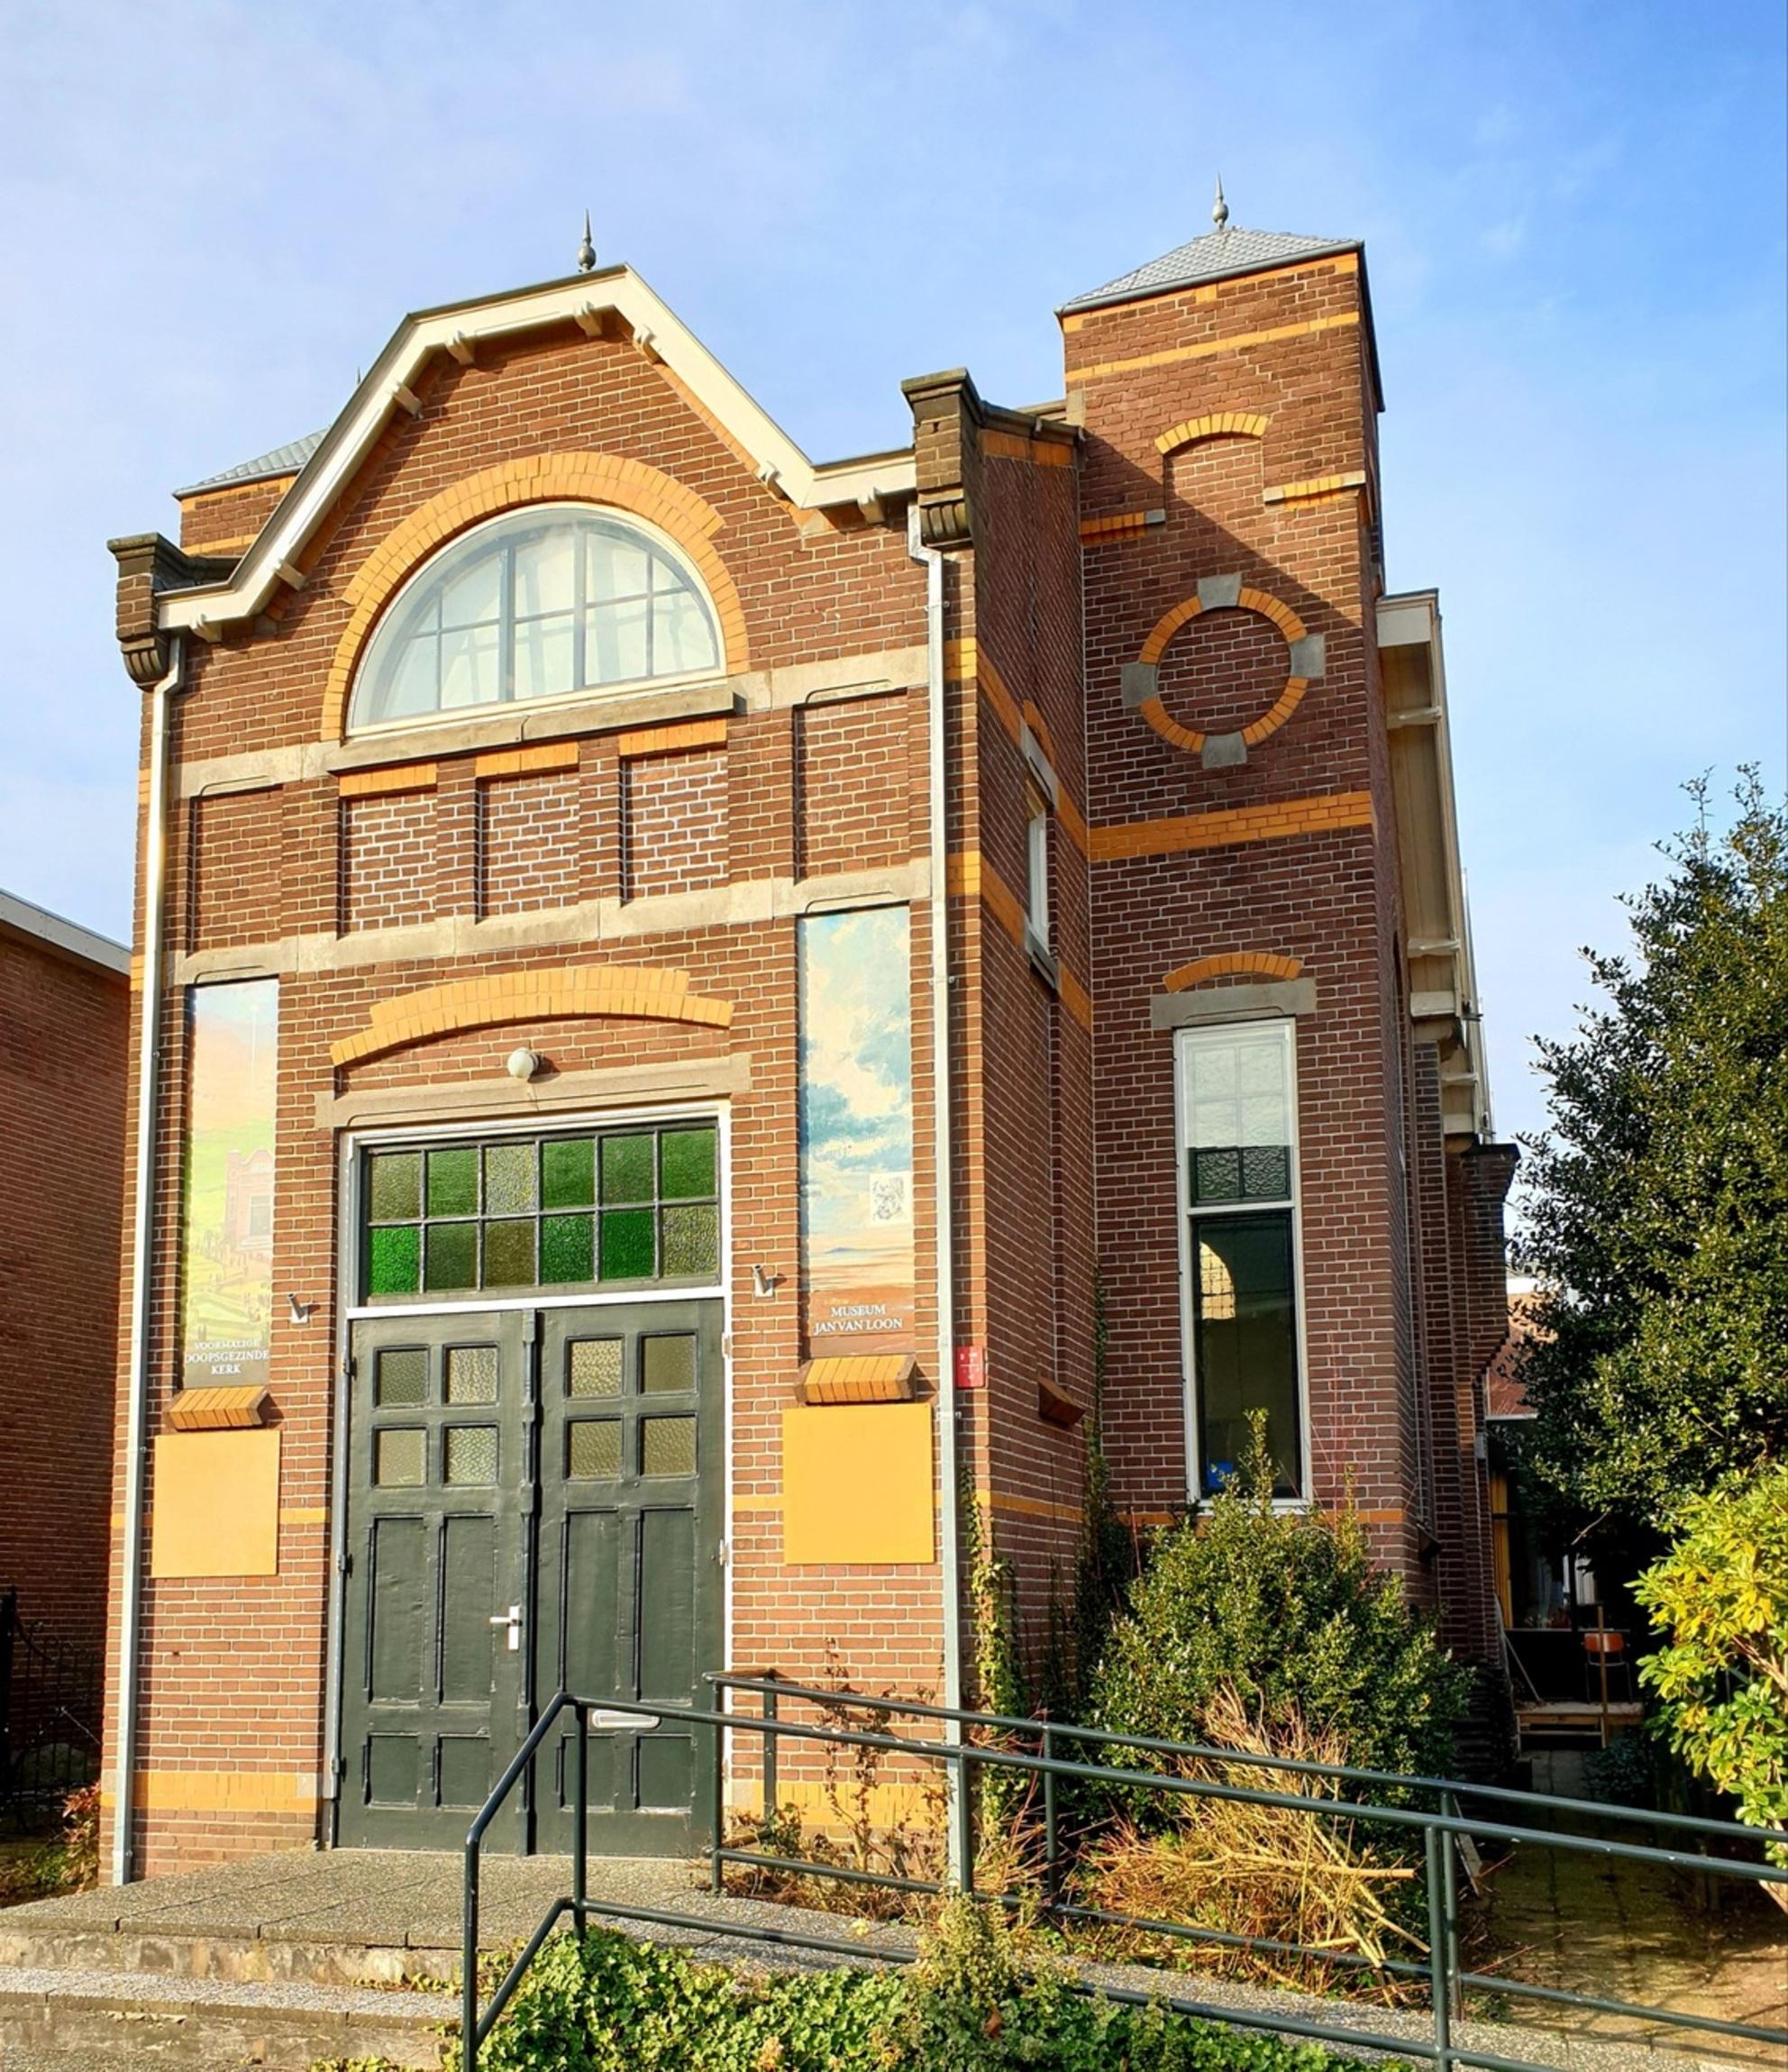 Museum loos - De voormalige Doopsgezinde kerk is nu een museum  in Assen  gr Bets - foto door cgfwg op 02-03-2021 - deze foto bevat: oud, architectuur, kerk, museum - Deze foto mag gebruikt worden in een Zoom.nl publicatie